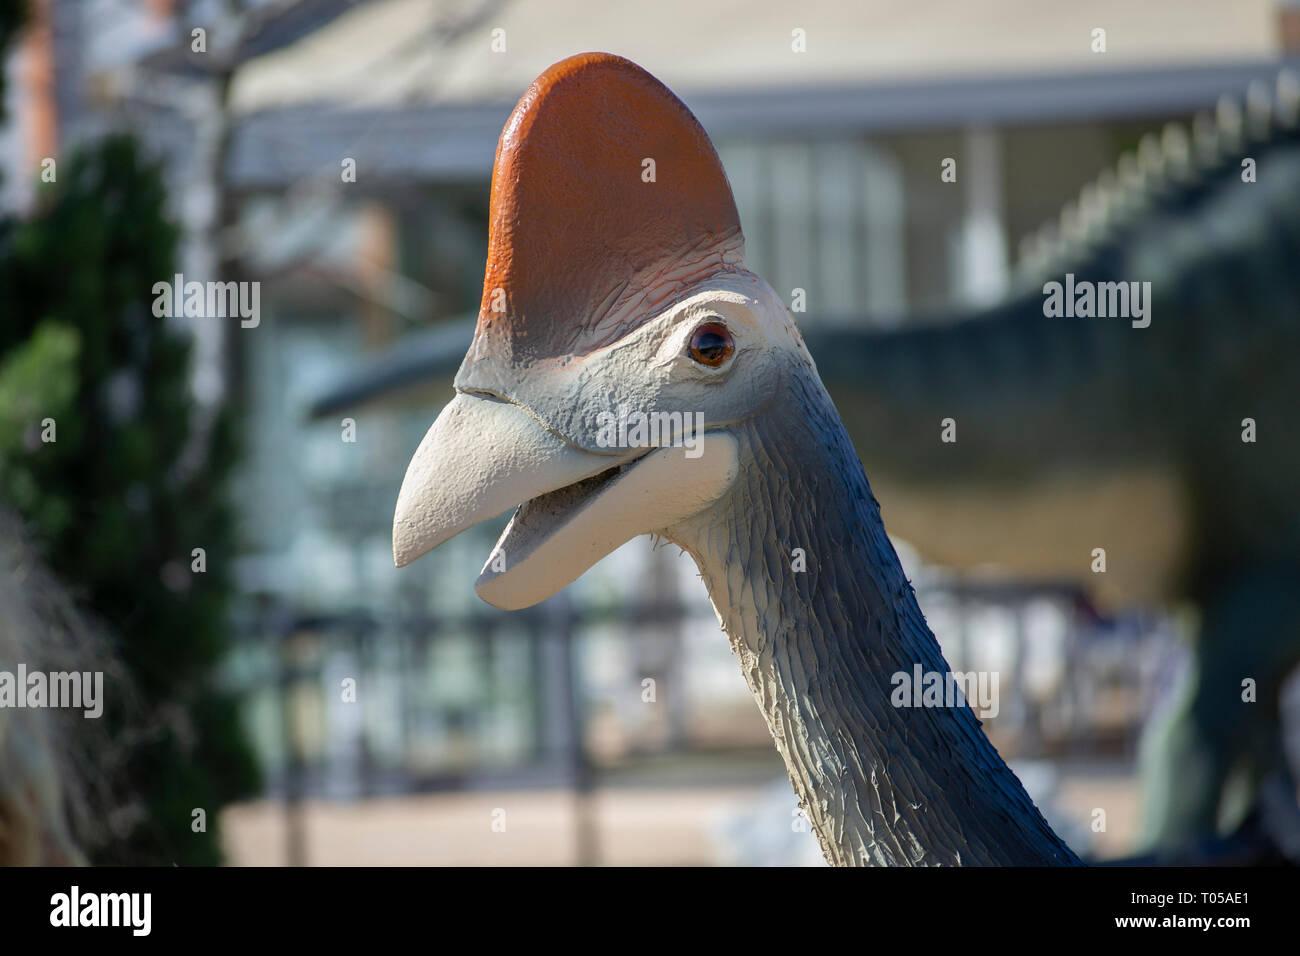 Statue of dinosaur in dino park Dinosville in Svilajnac, Serbia. - Stock Image